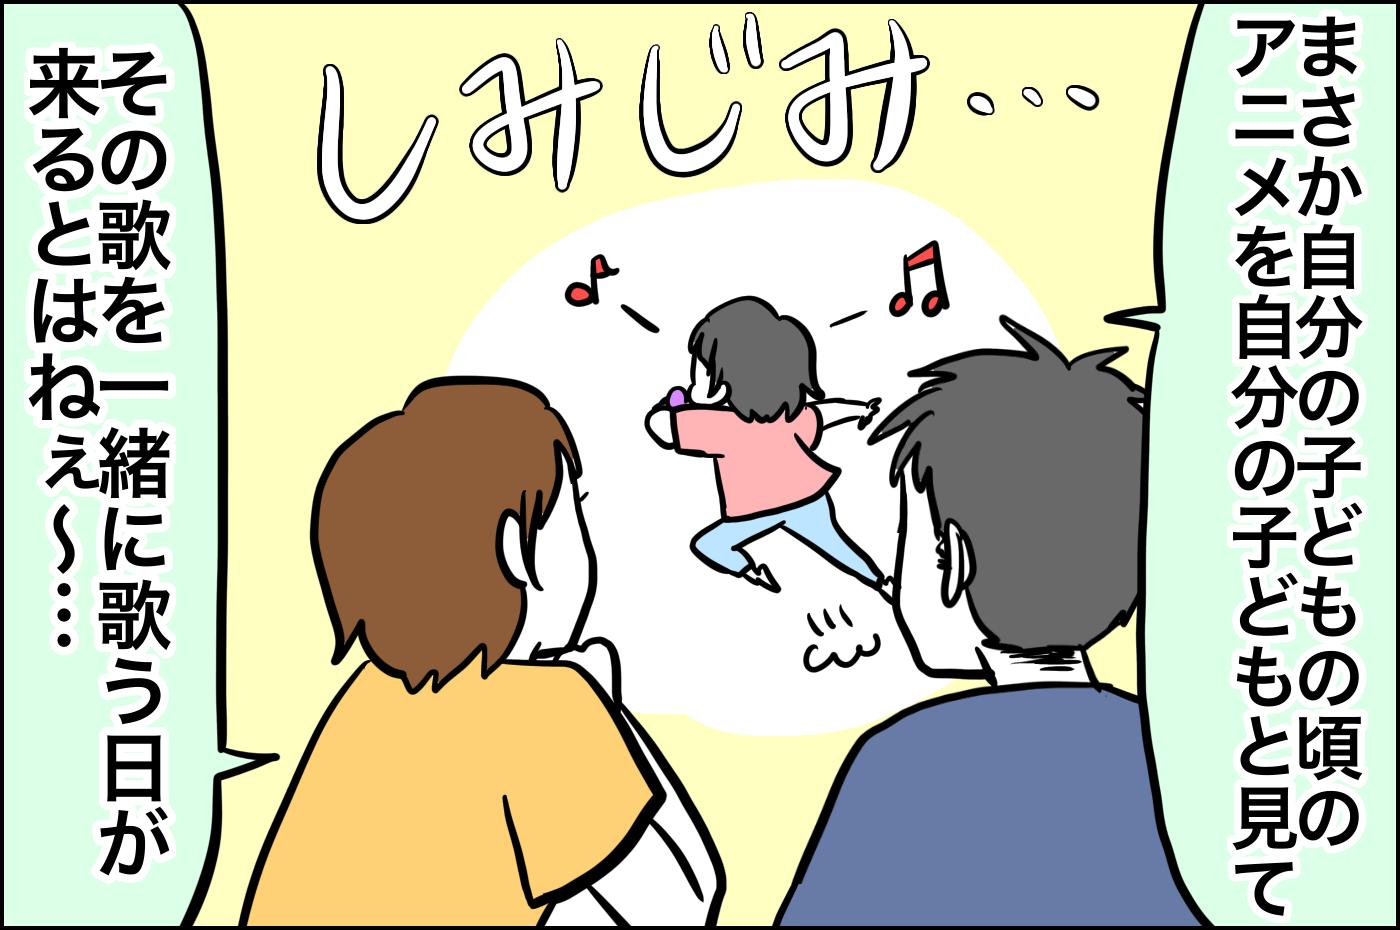 まさか子どもの頃のアニメを自分の子どもと見て一緒に歌う日がくるとは